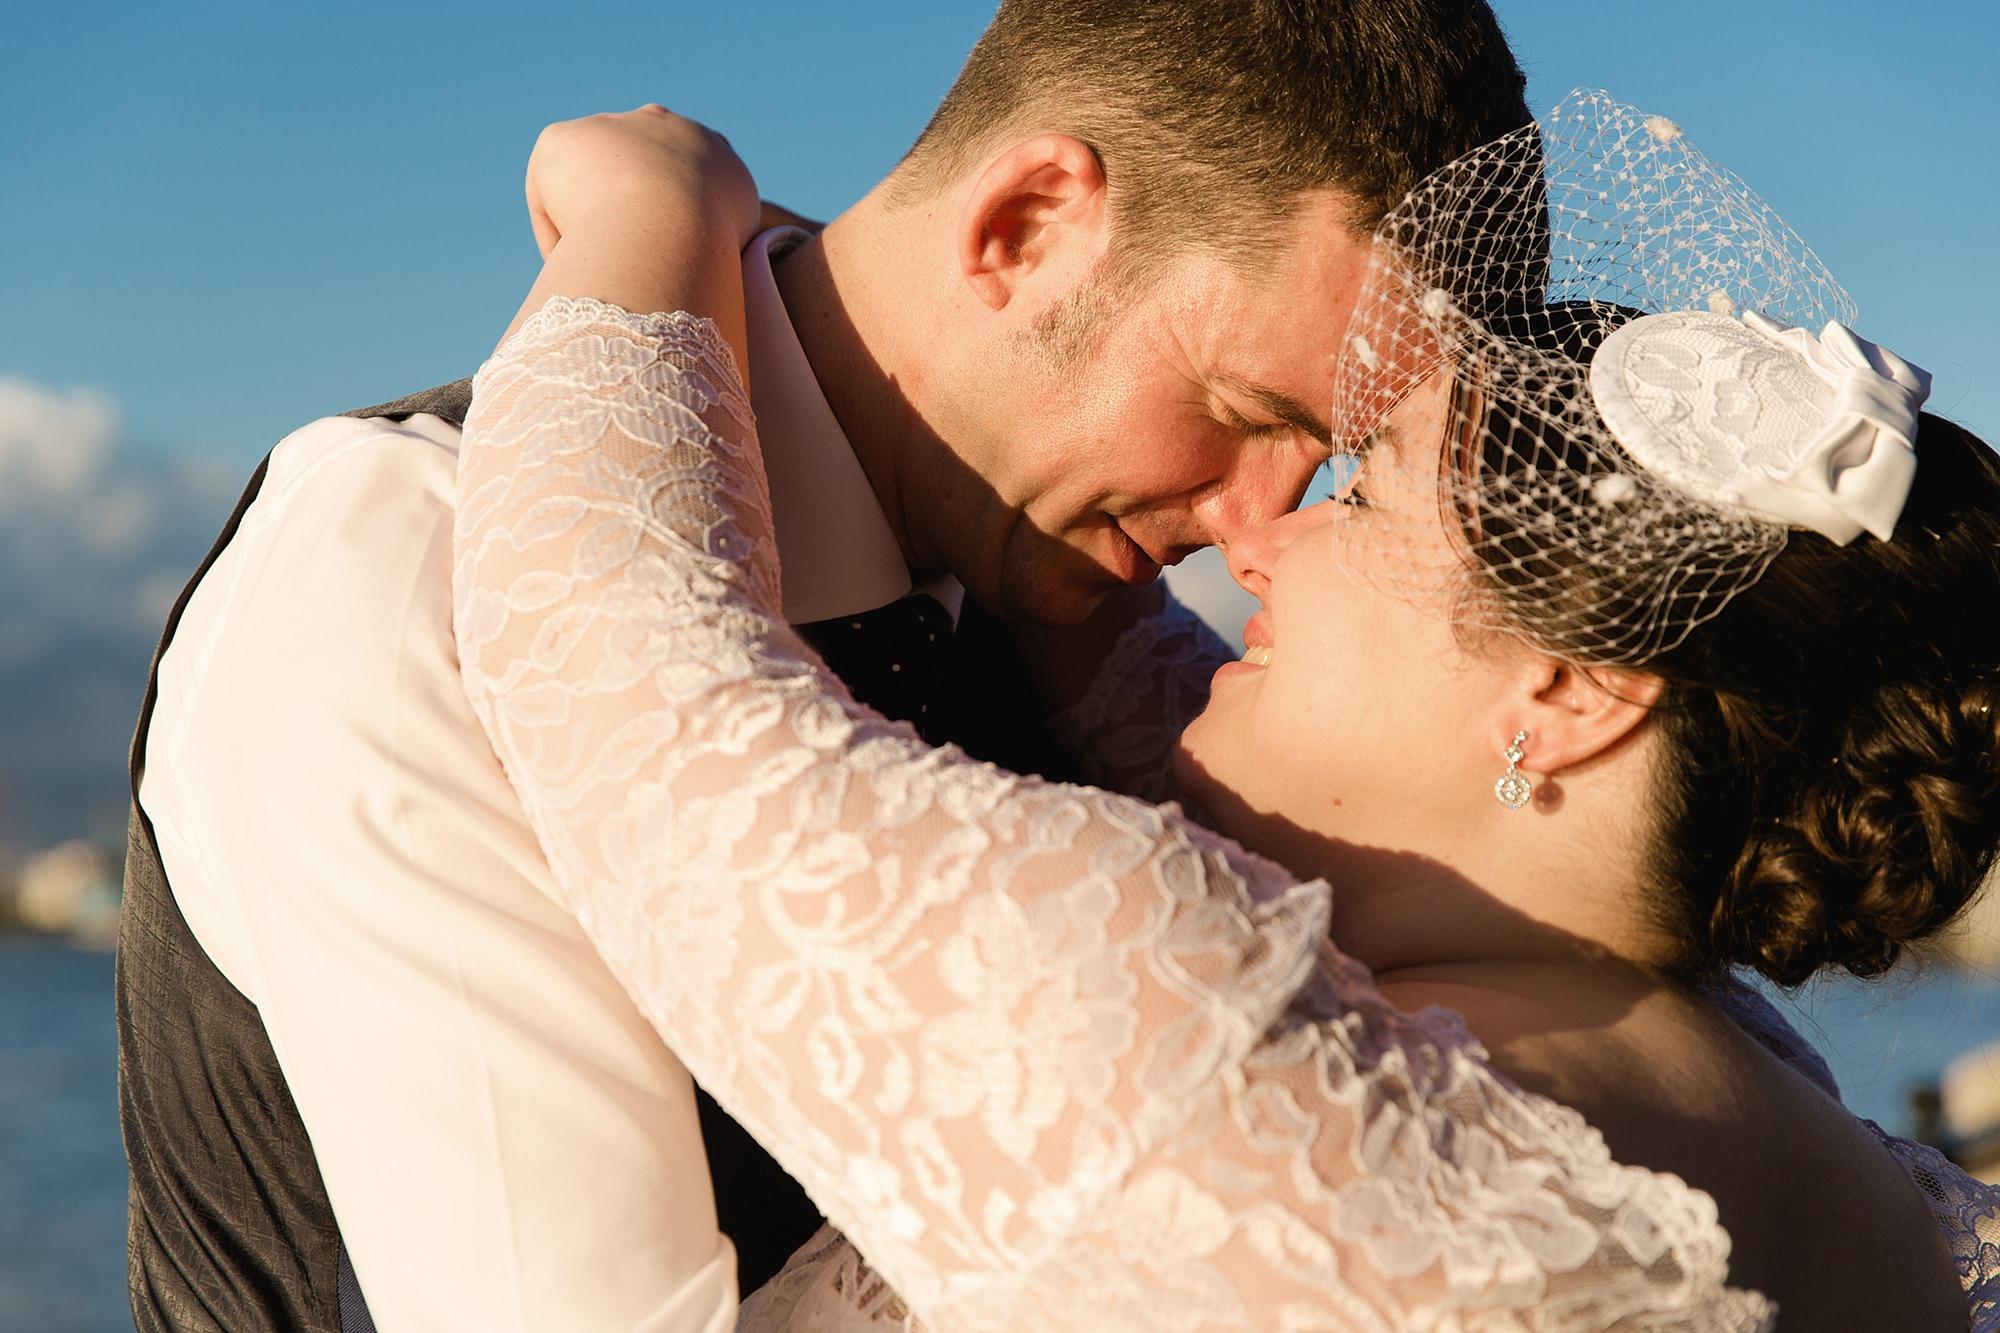 Trafalgar Tavern wedding bride and groom close up portrait